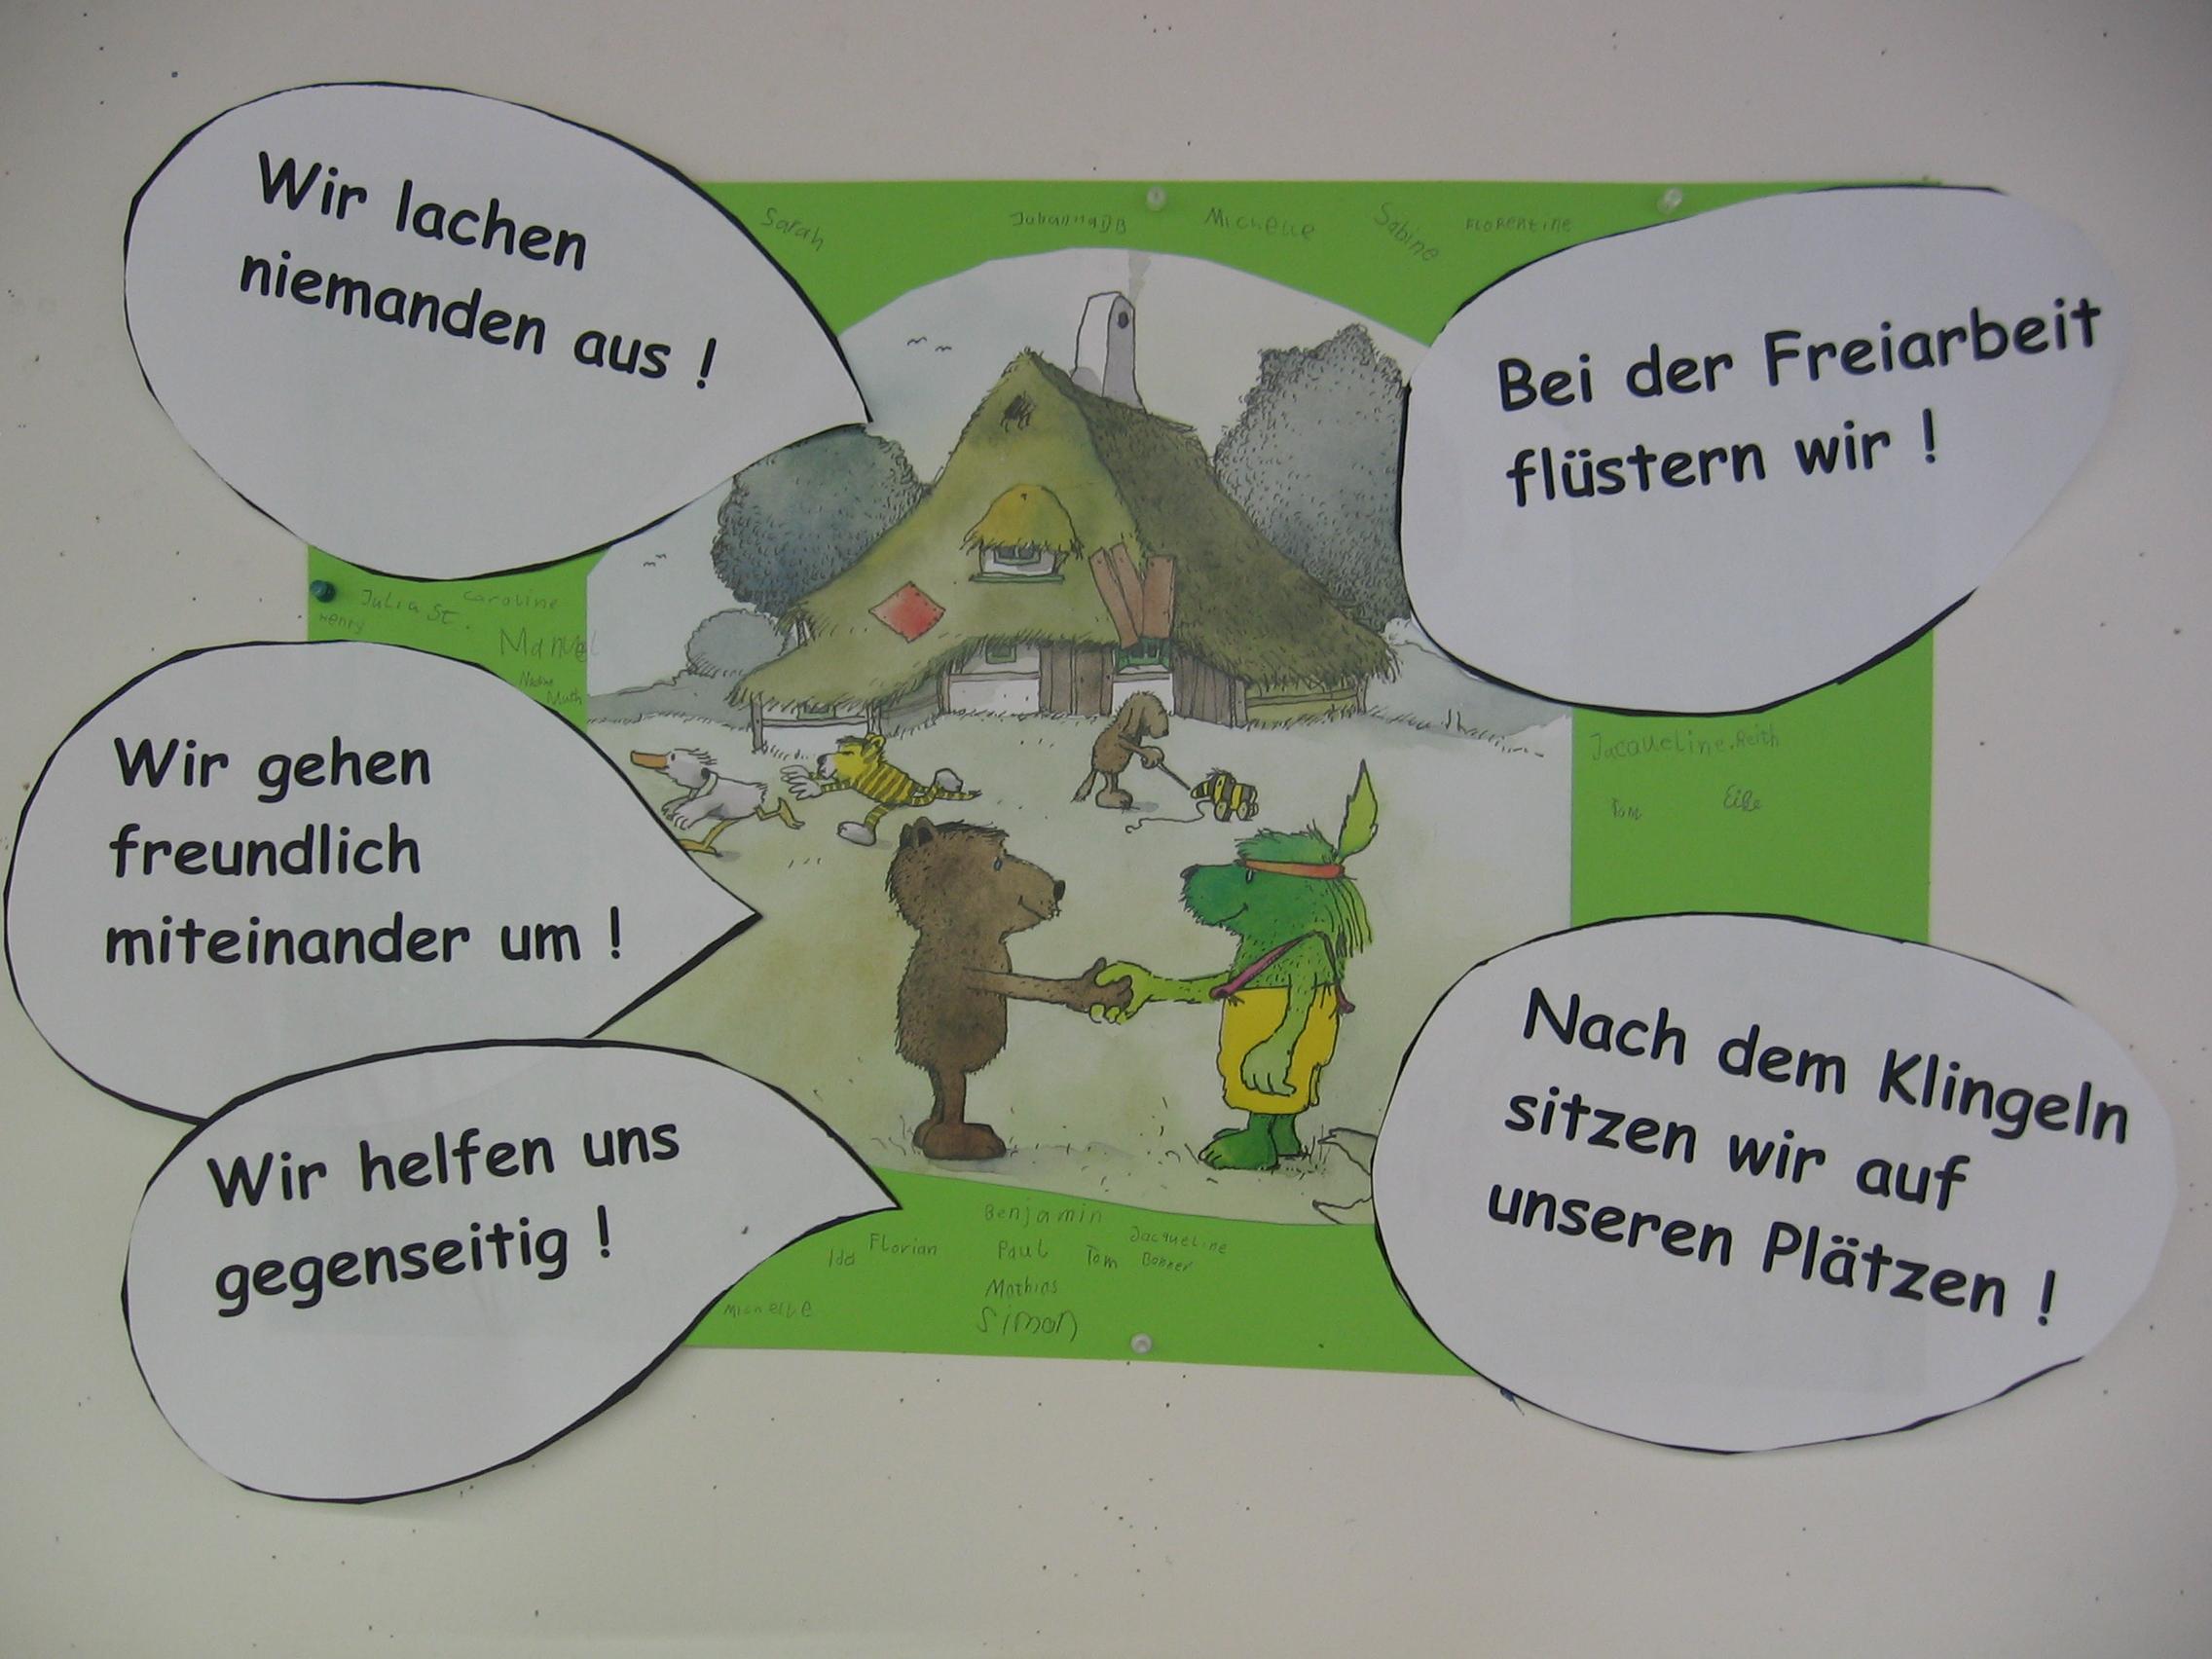 Klassenregeln grundschule bildkarten  Imágenes Krabbelwiese Arbeit Mt Lauten - Diseña Invitaciones Fotos ...